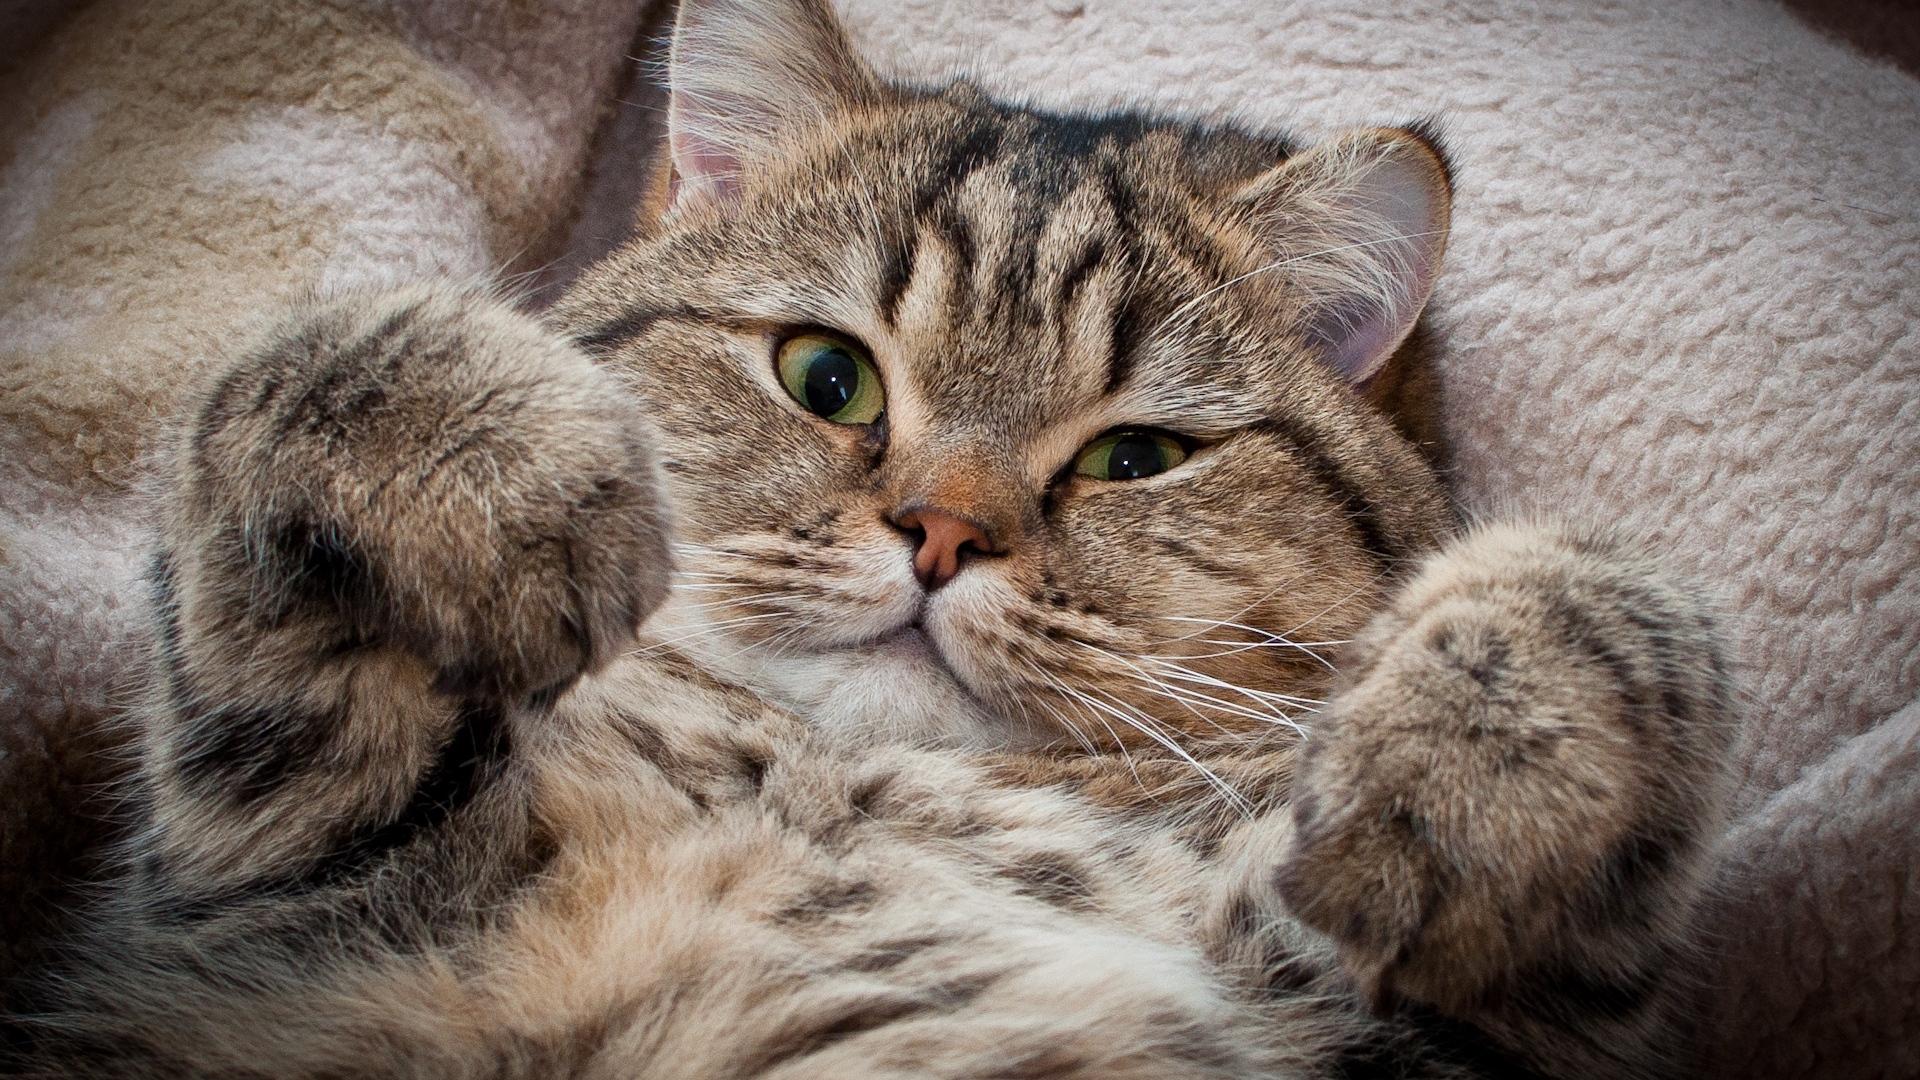 Hình nền mèo đáng yêu, dễ thương nhất thế giới